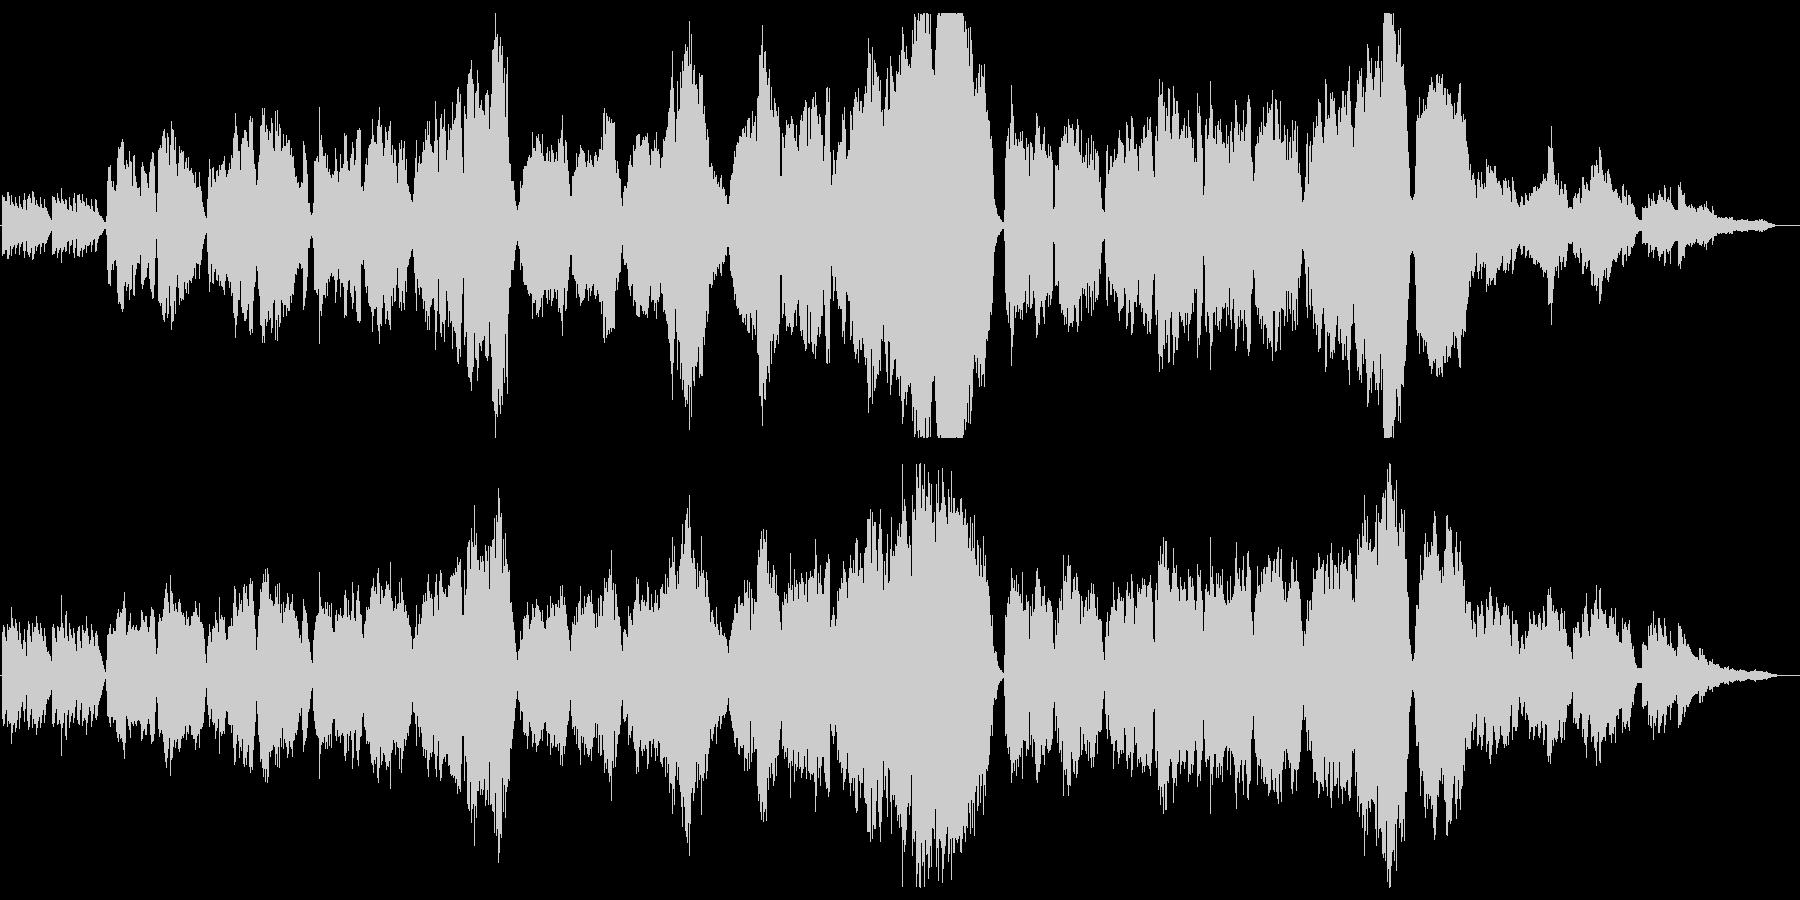 琴と尺八、弦楽合奏によるバラードの未再生の波形